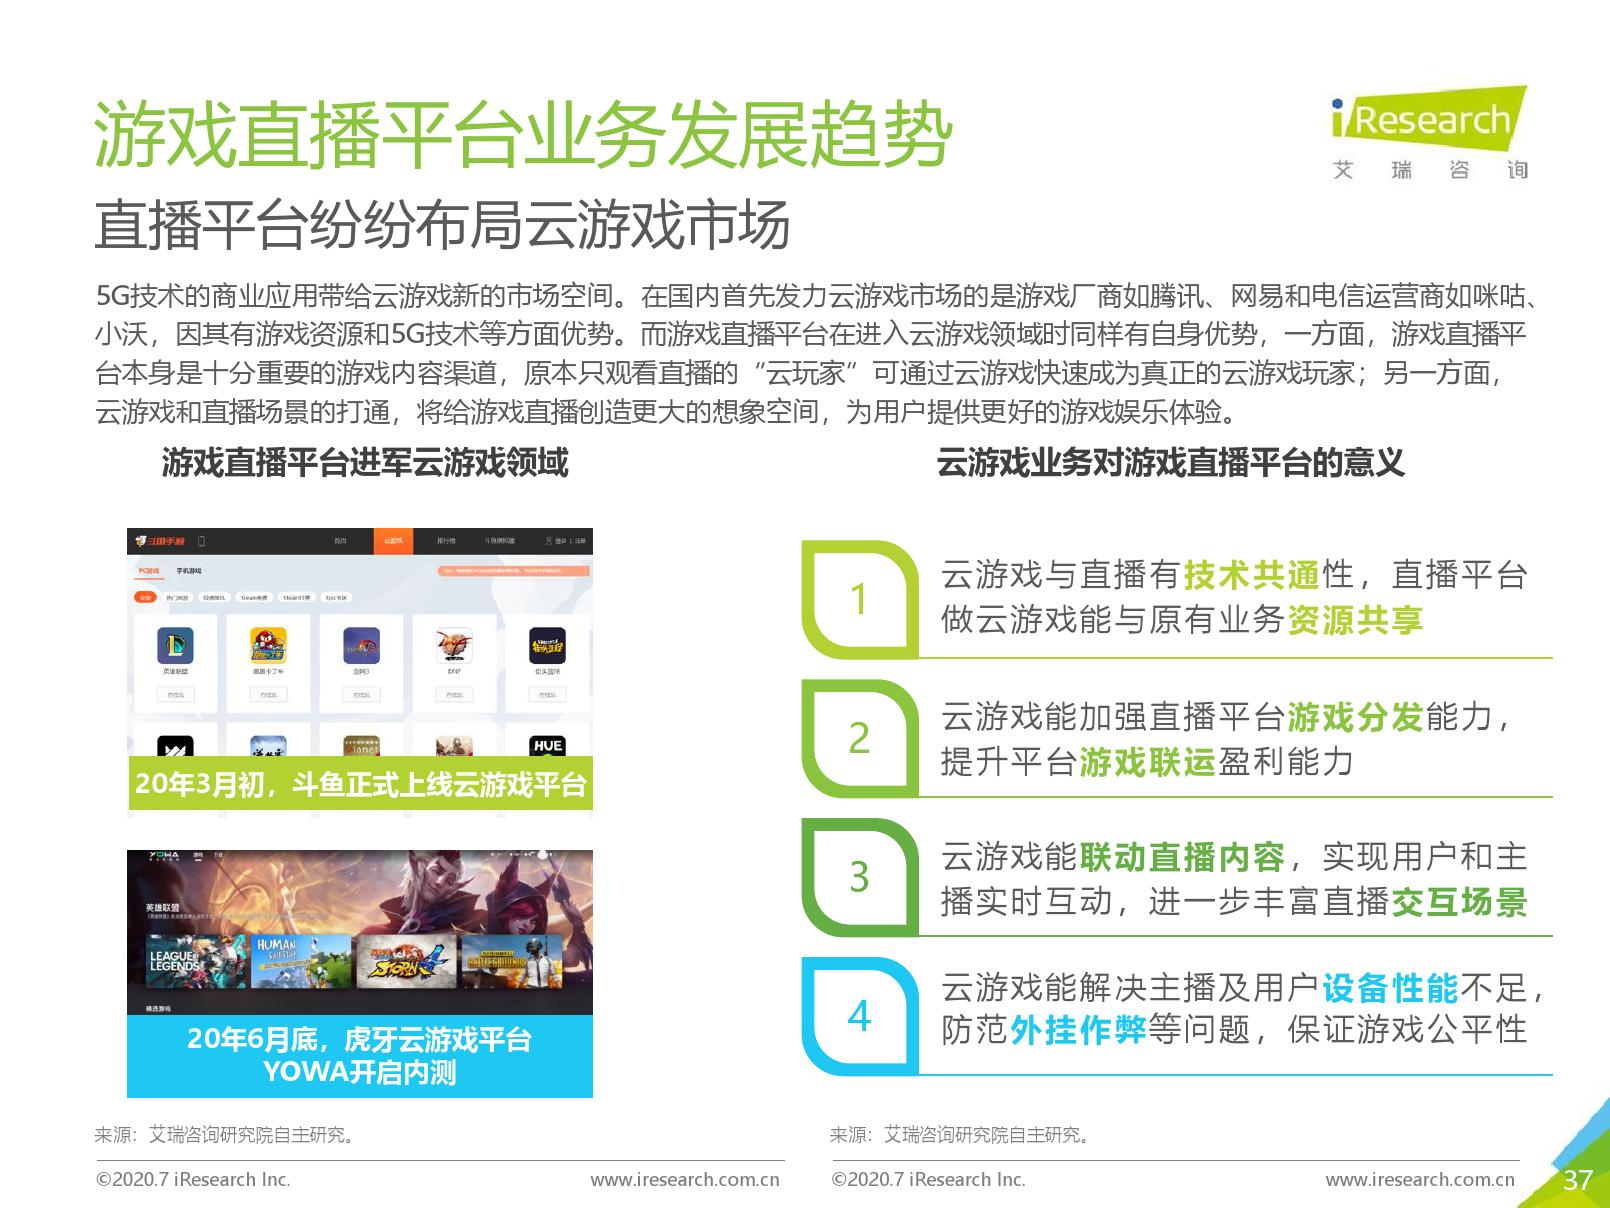 艾瑞咨询:2020年中国游戏直播行业研究报告(可下载报告)插图(73)